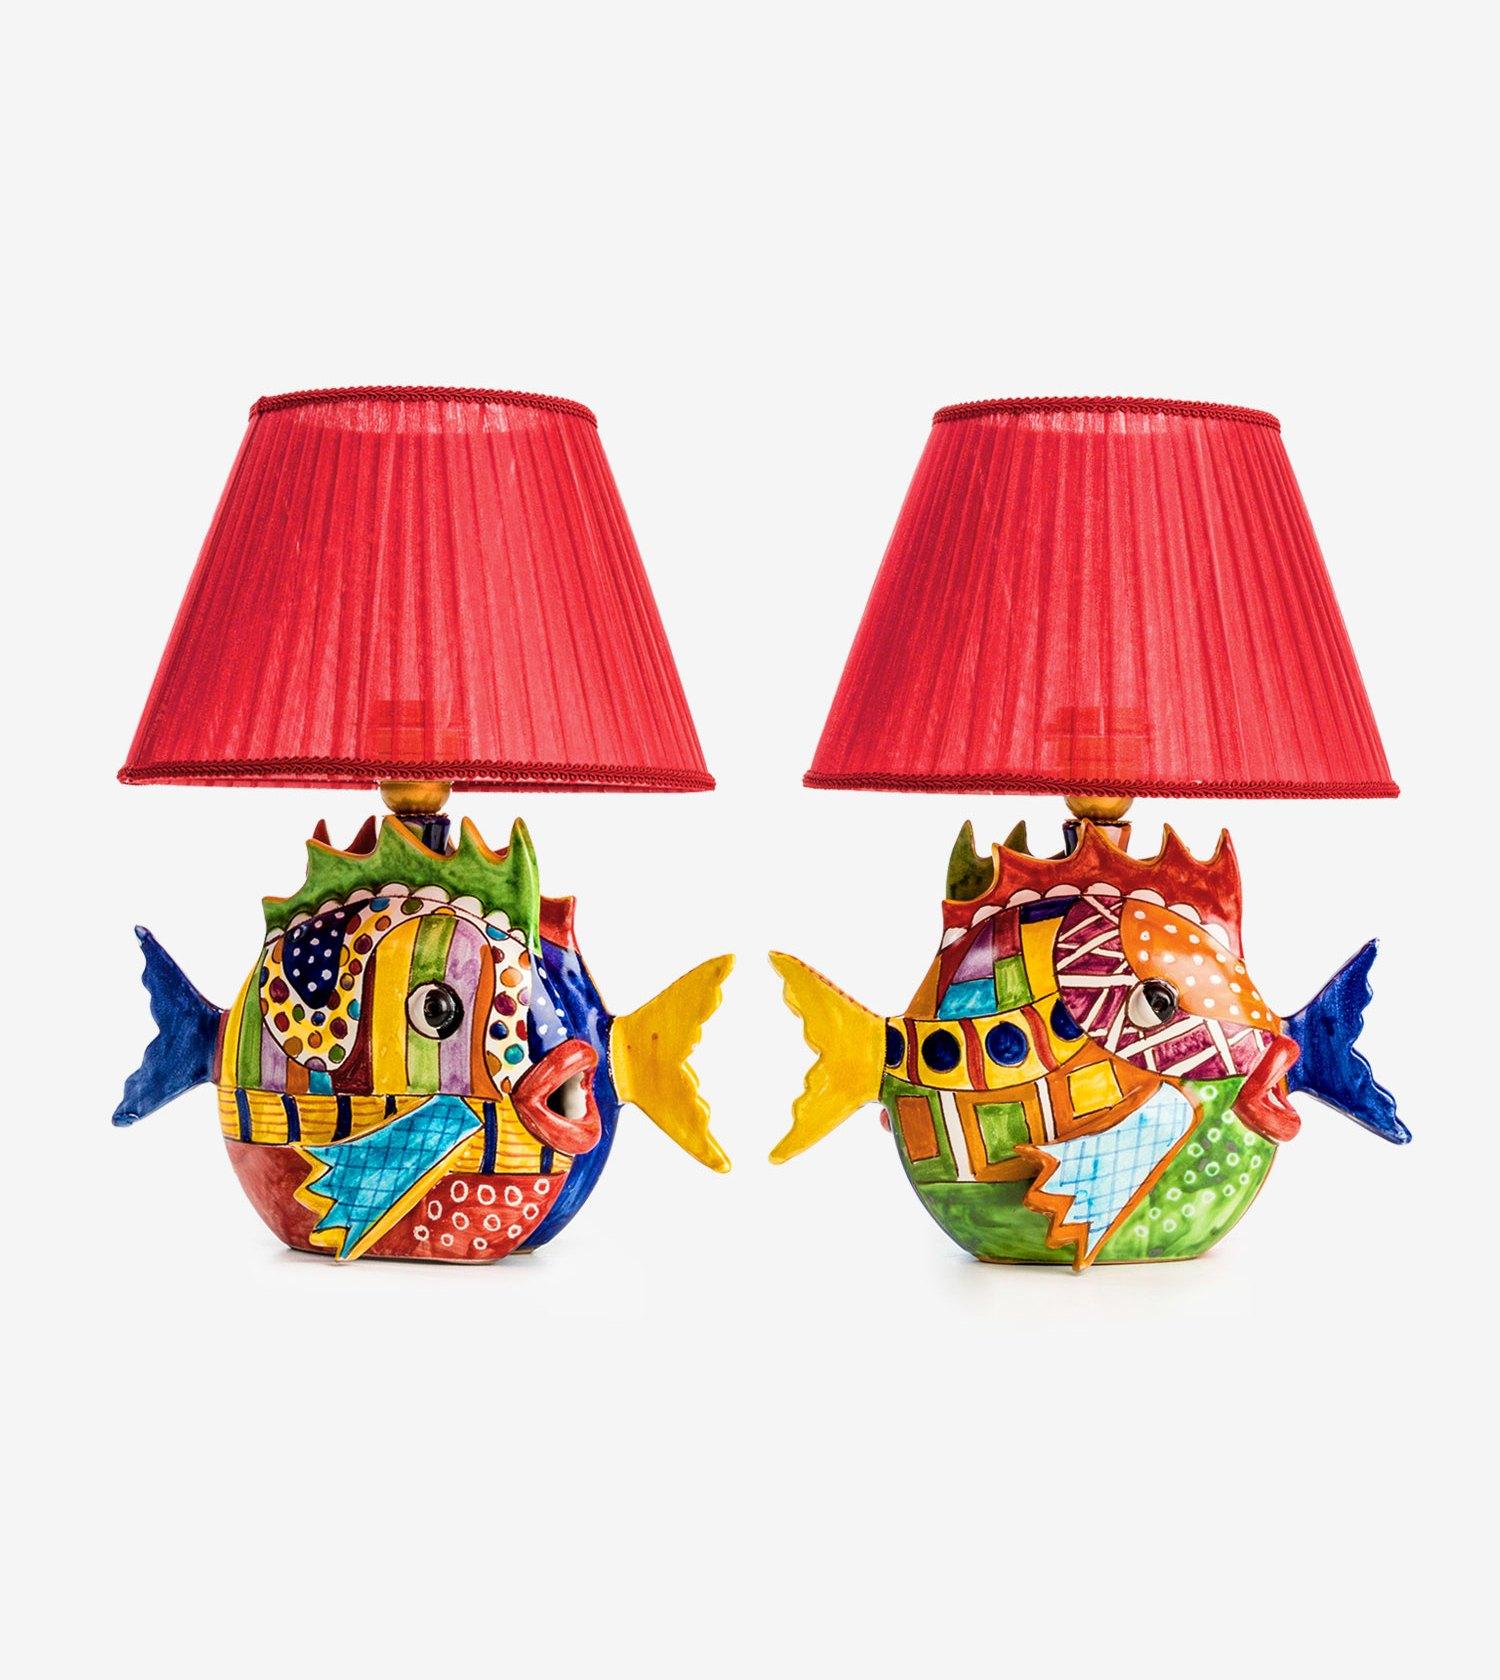 Lampade In Ceramica Di Vietri.Ceramiche Vietri Avossa Lampada Doppio Pesce